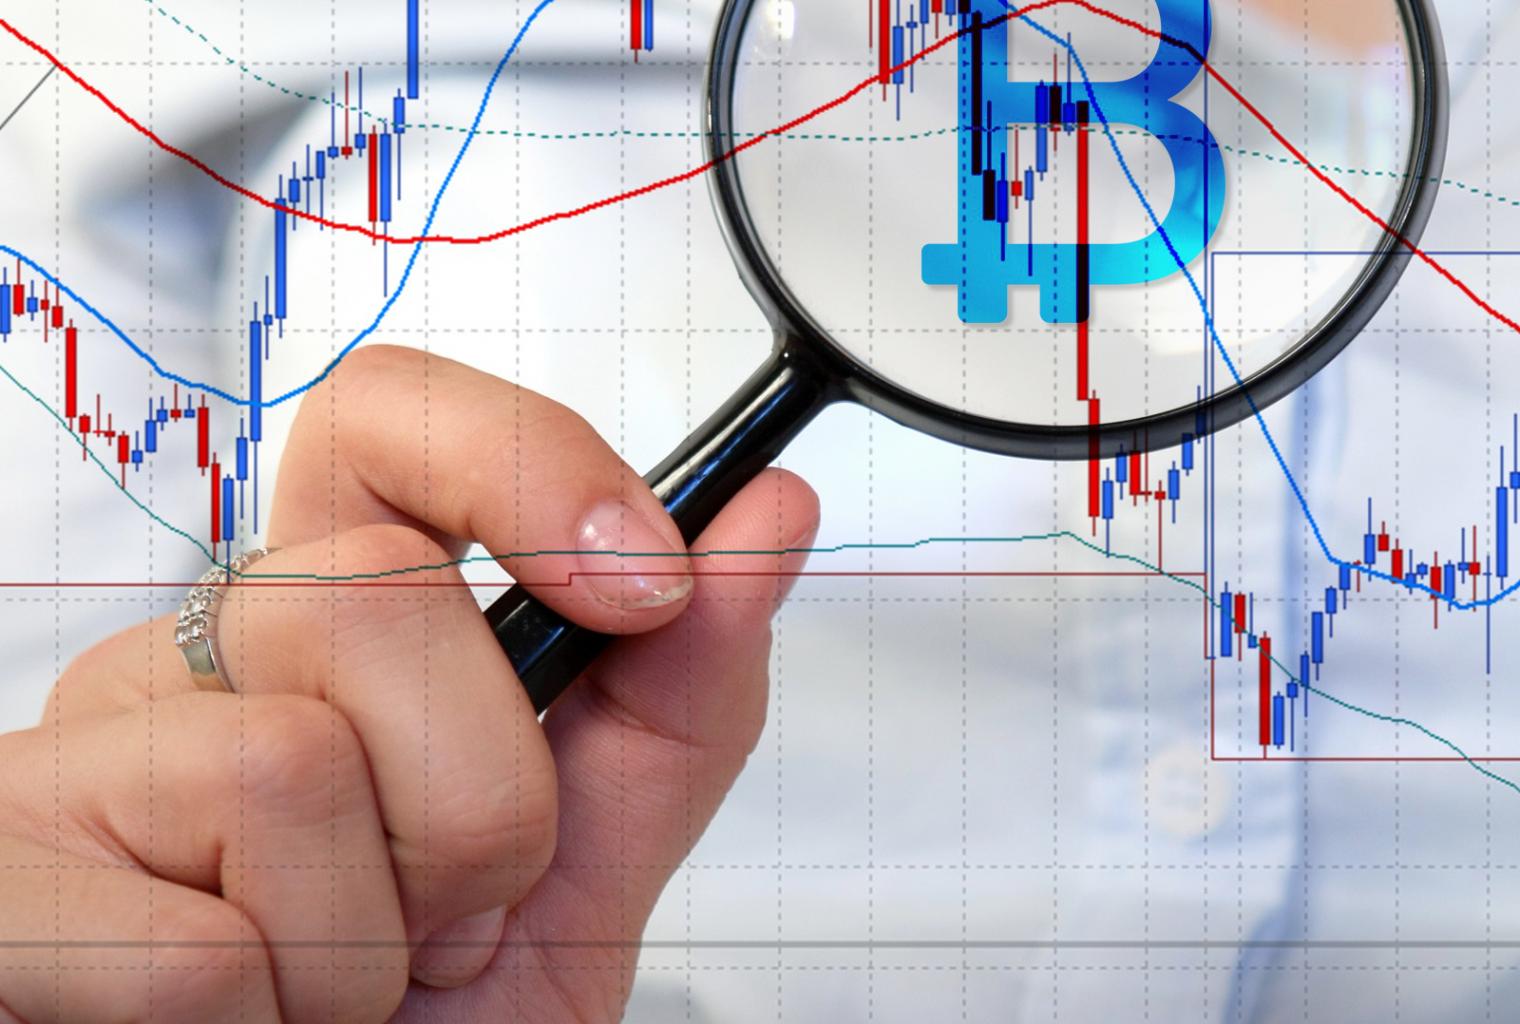 Giá bitcoin hôm nay (8/6): tăng nhẹ, 12 thủ thuật trốn thuế với tiền kĩ thuật số - Ảnh 5.